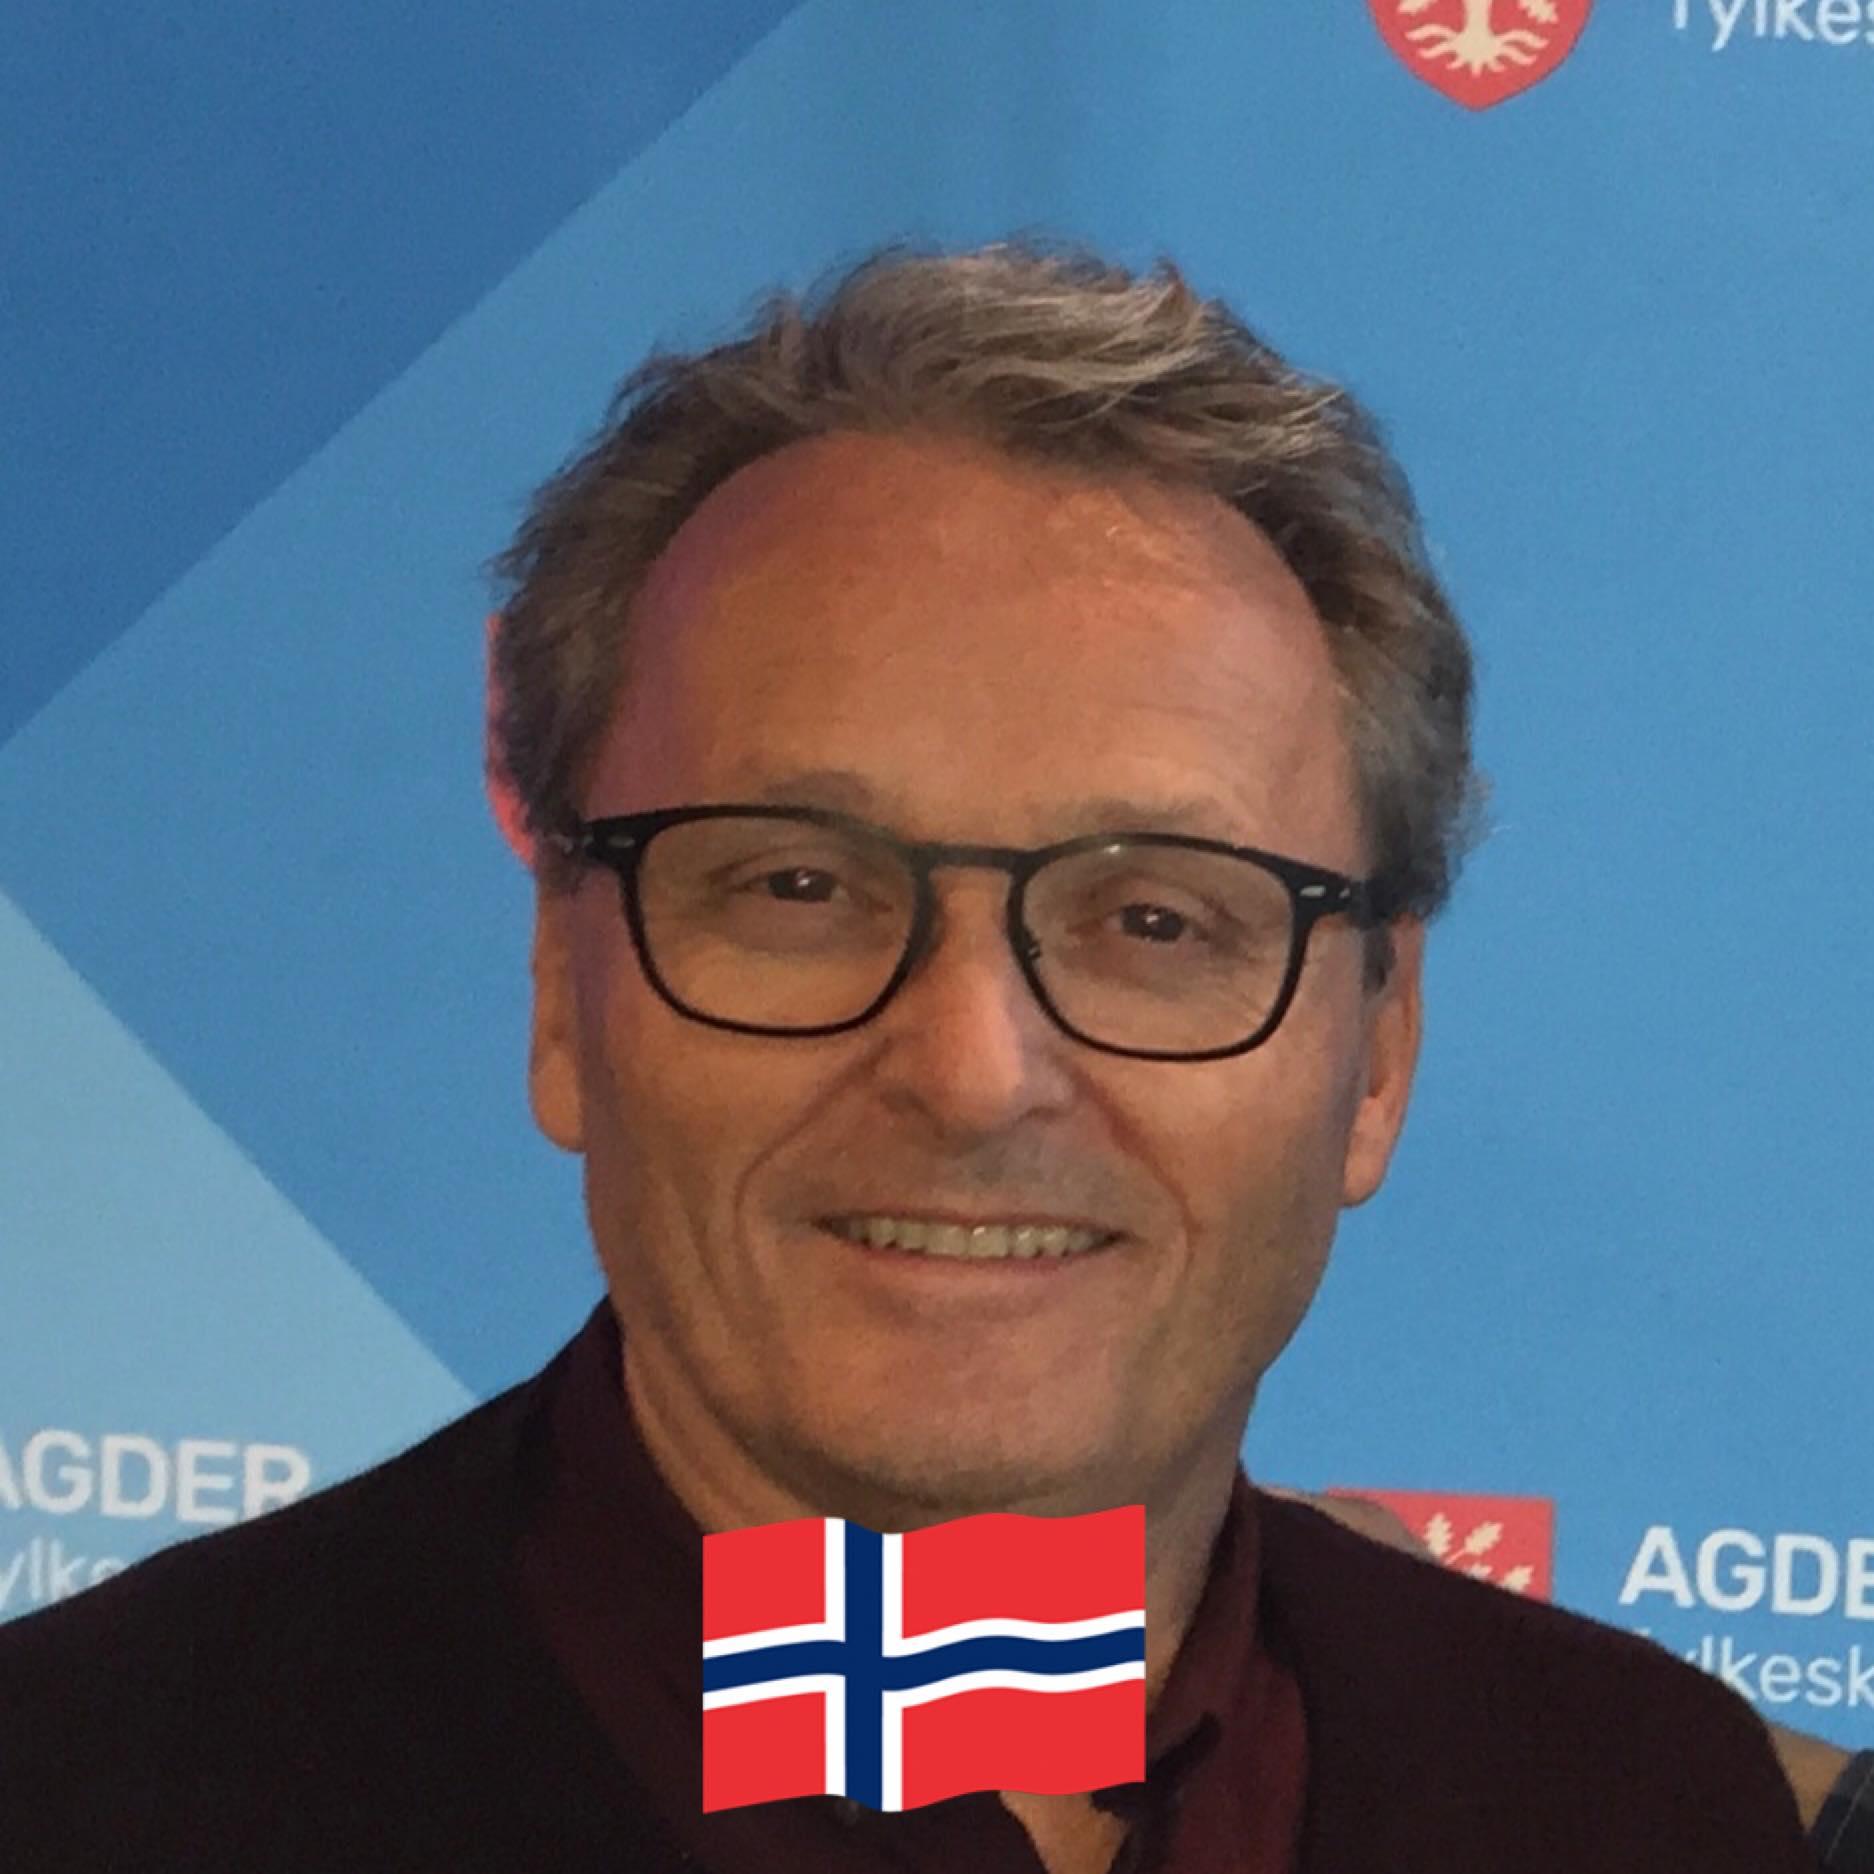 Einar Christensen